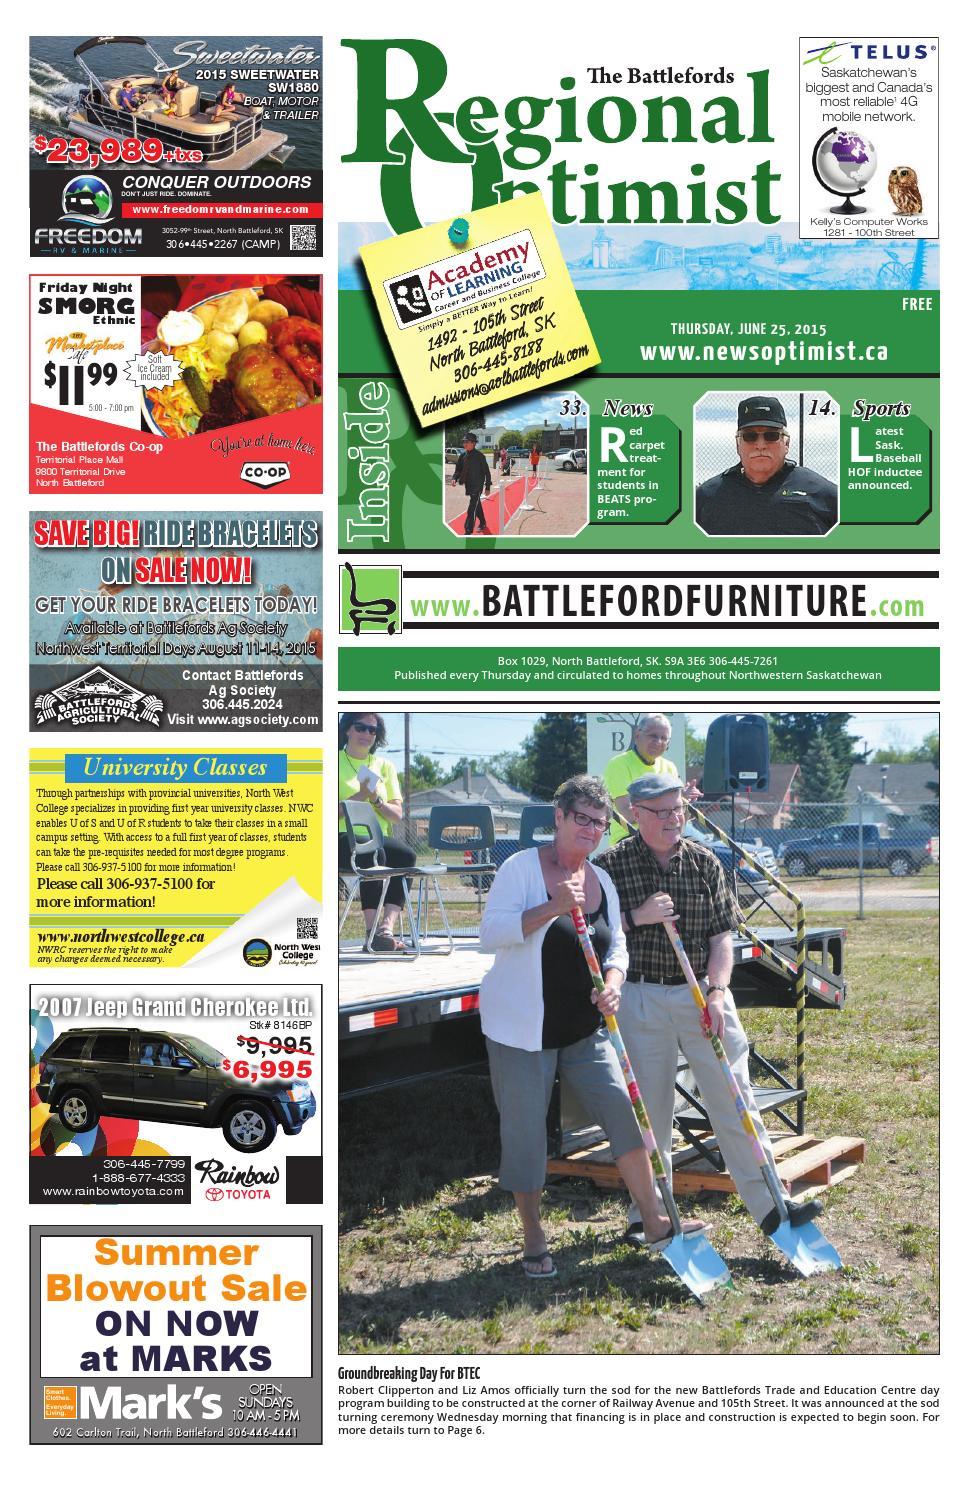 Regional Optimist June 25 by Battlefords News Optimist - issuu